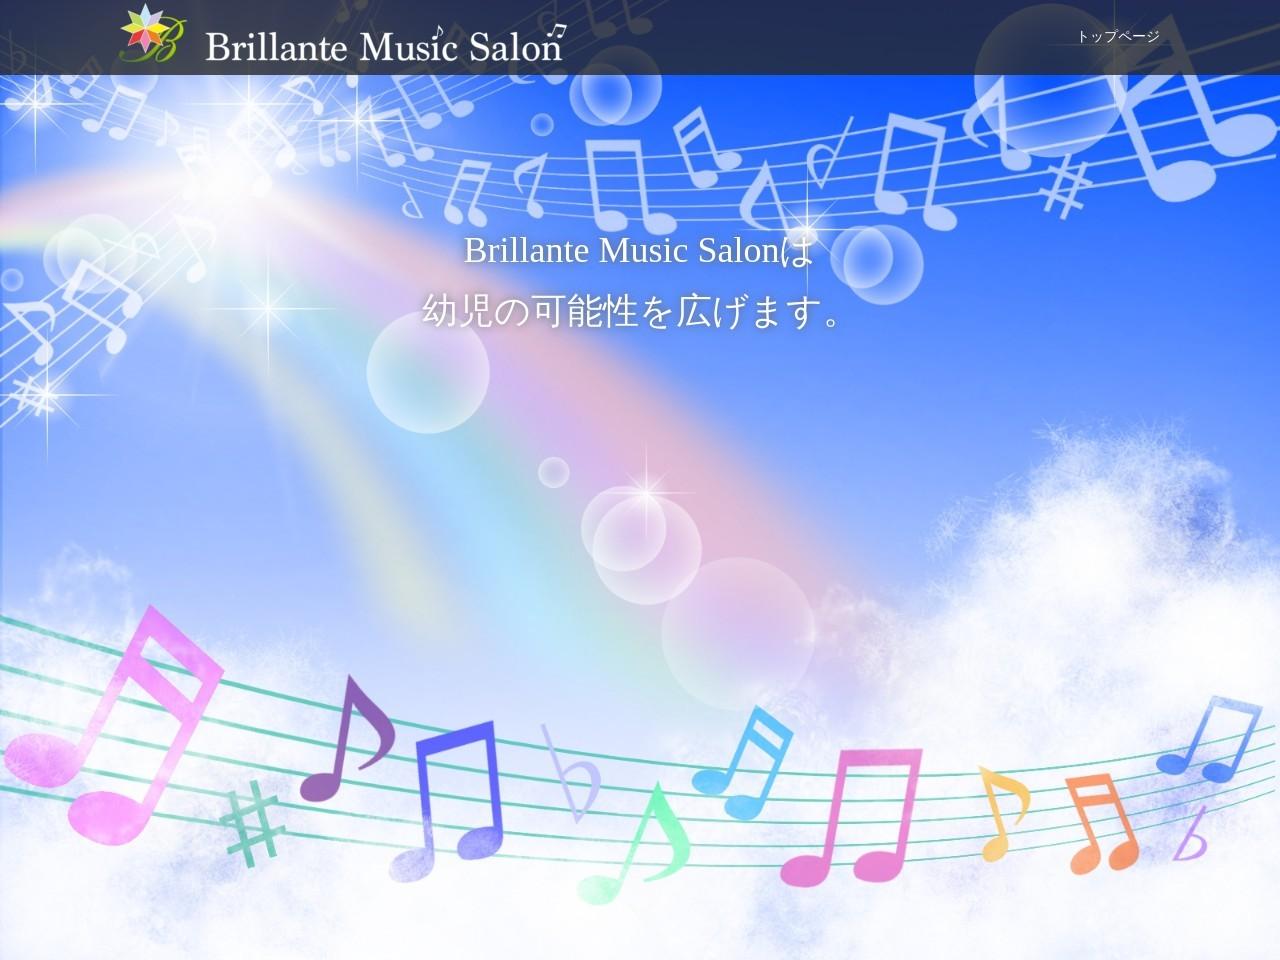 ブリランテ ミュージック サロンのサムネイル